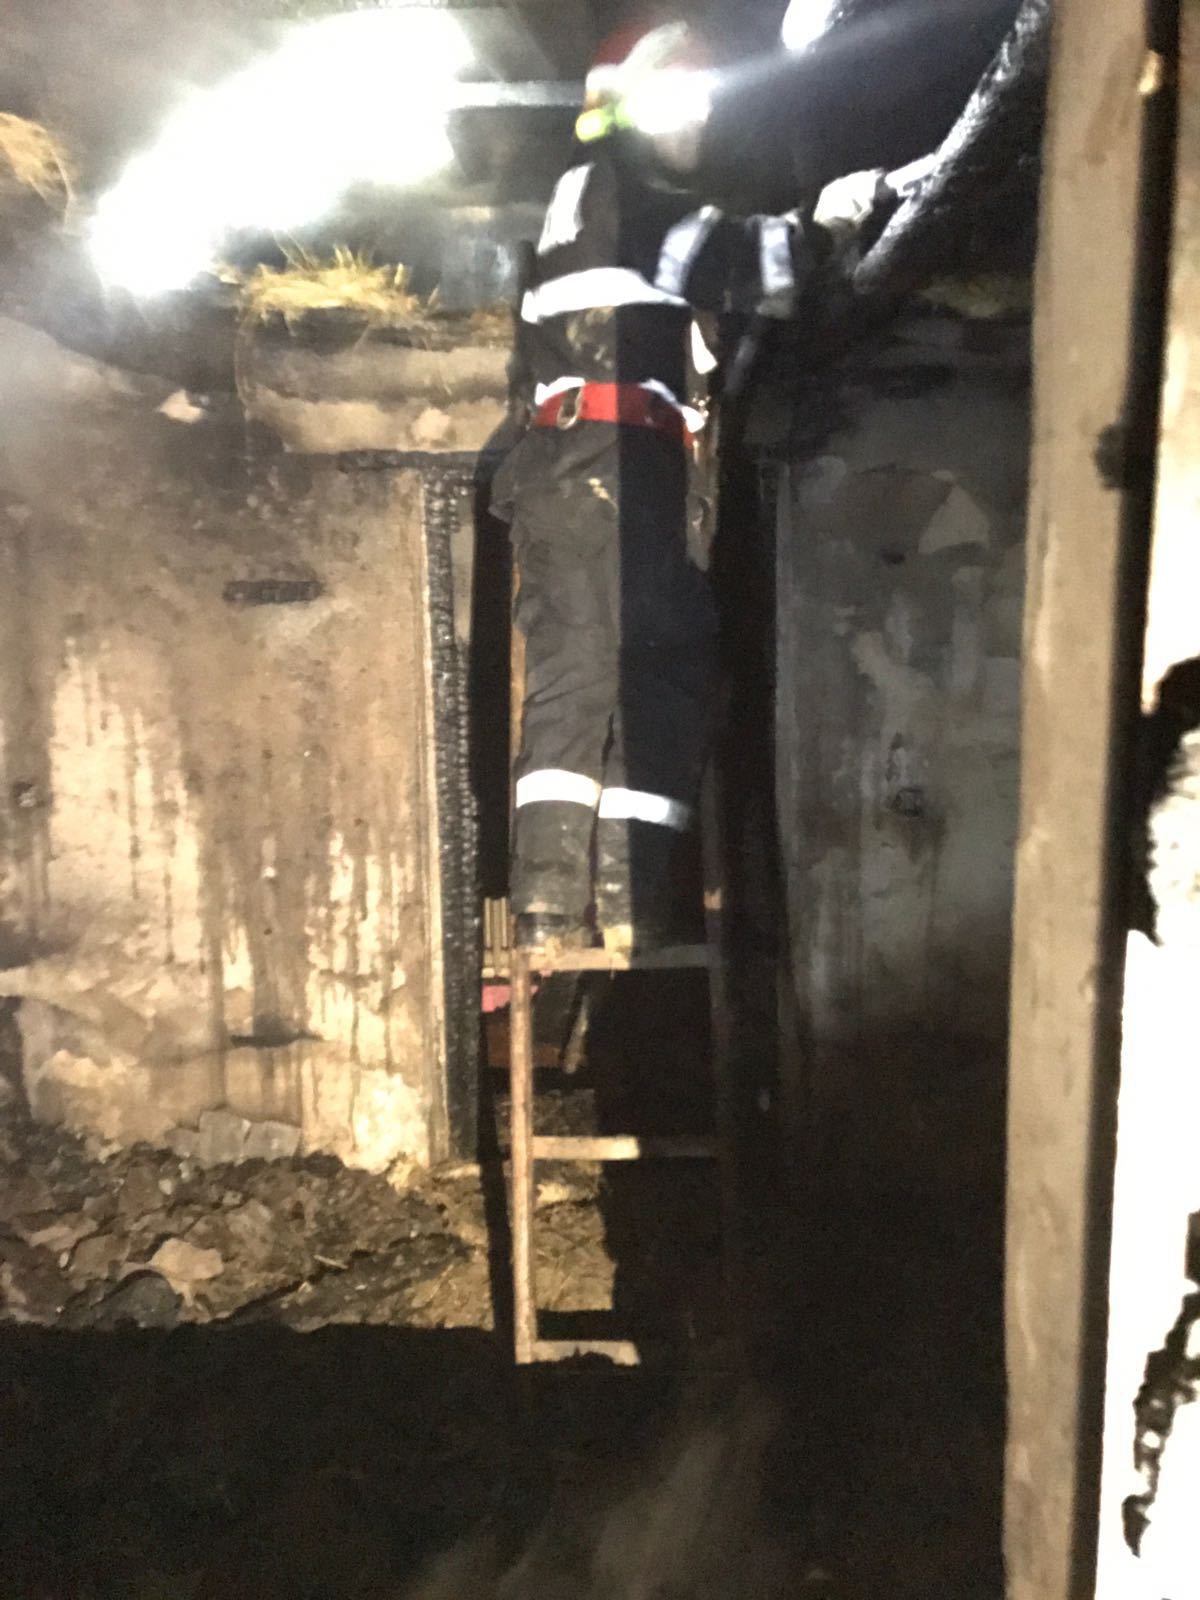 FOTO, VIDEO   Incendiu urmat de explozii la un depozit de butelii din judeţul Vaslui